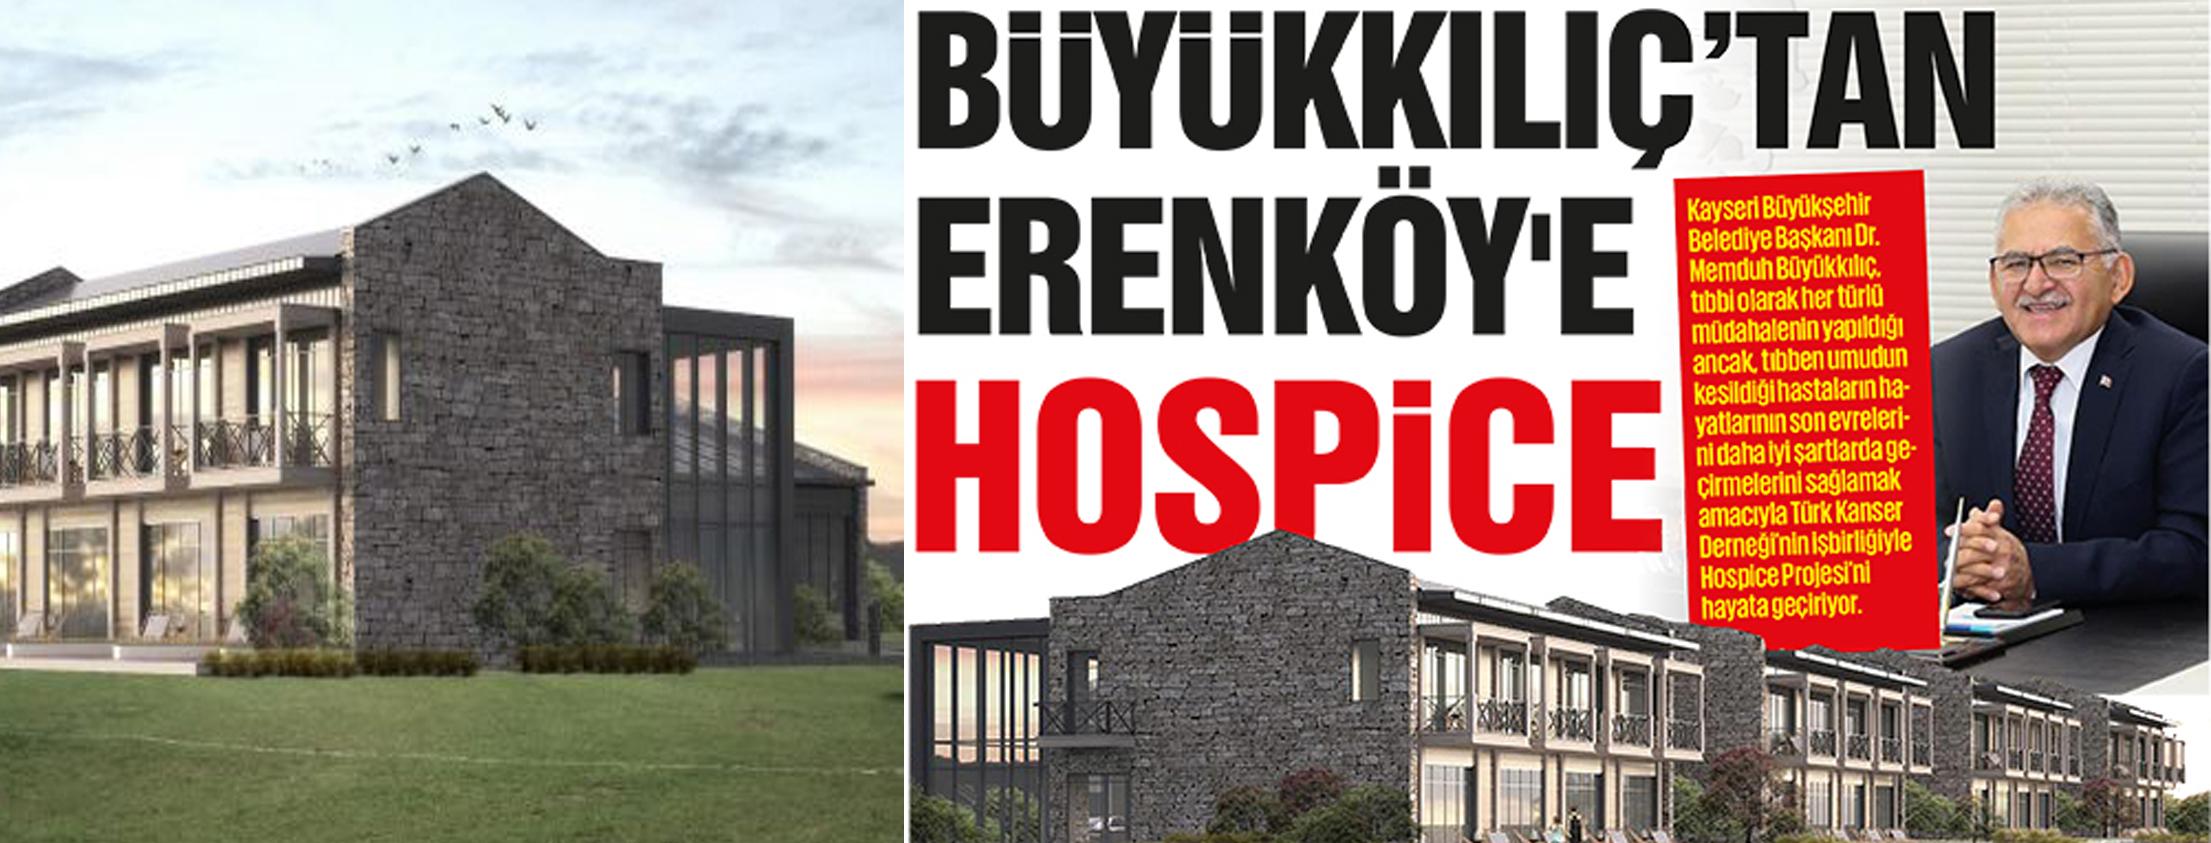 Başkan Büyükkılıç'tan bir proje daha: